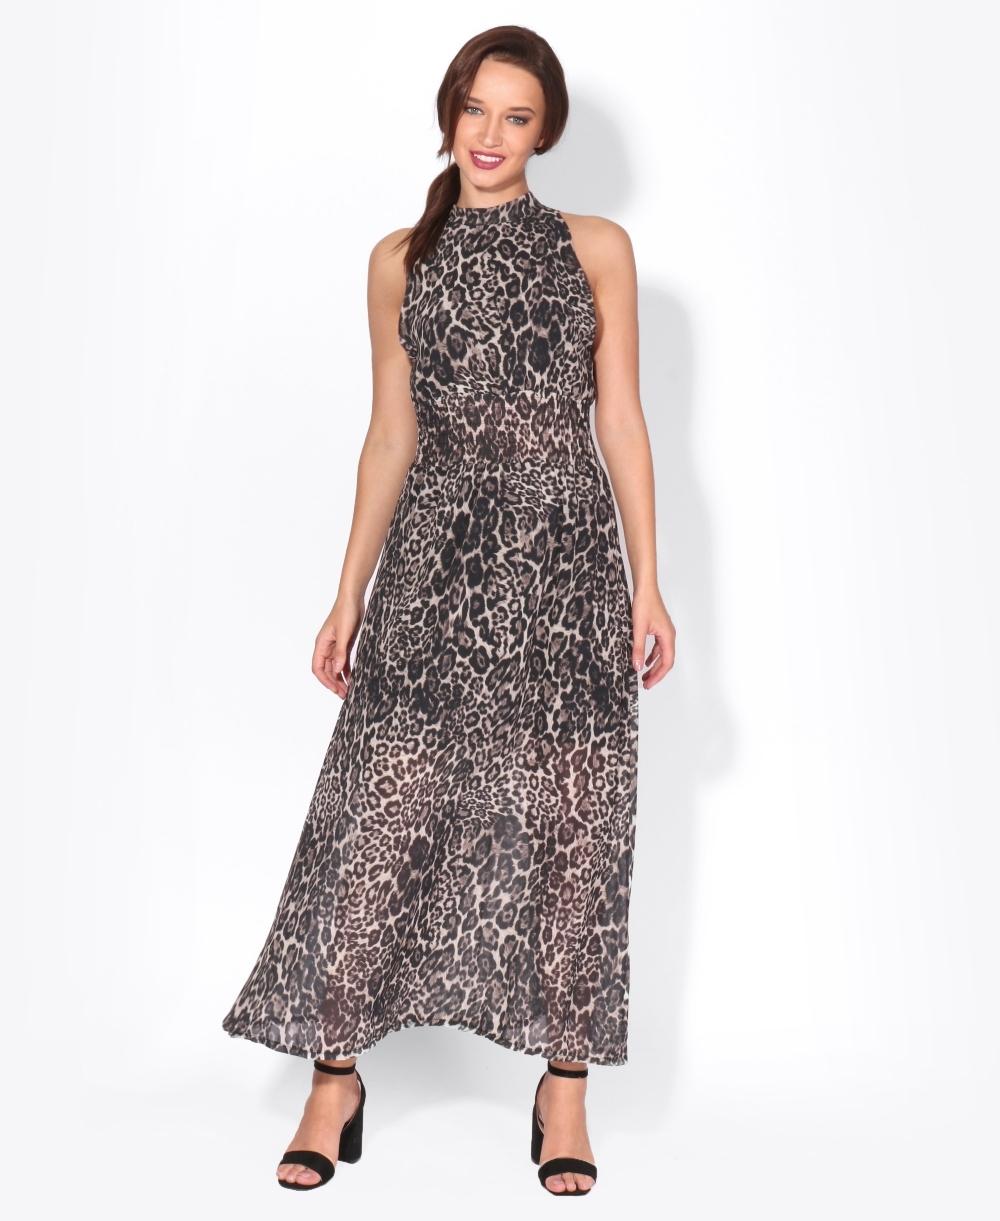 64efd830a41980 Leopard Print Chiffon Maxi Dress